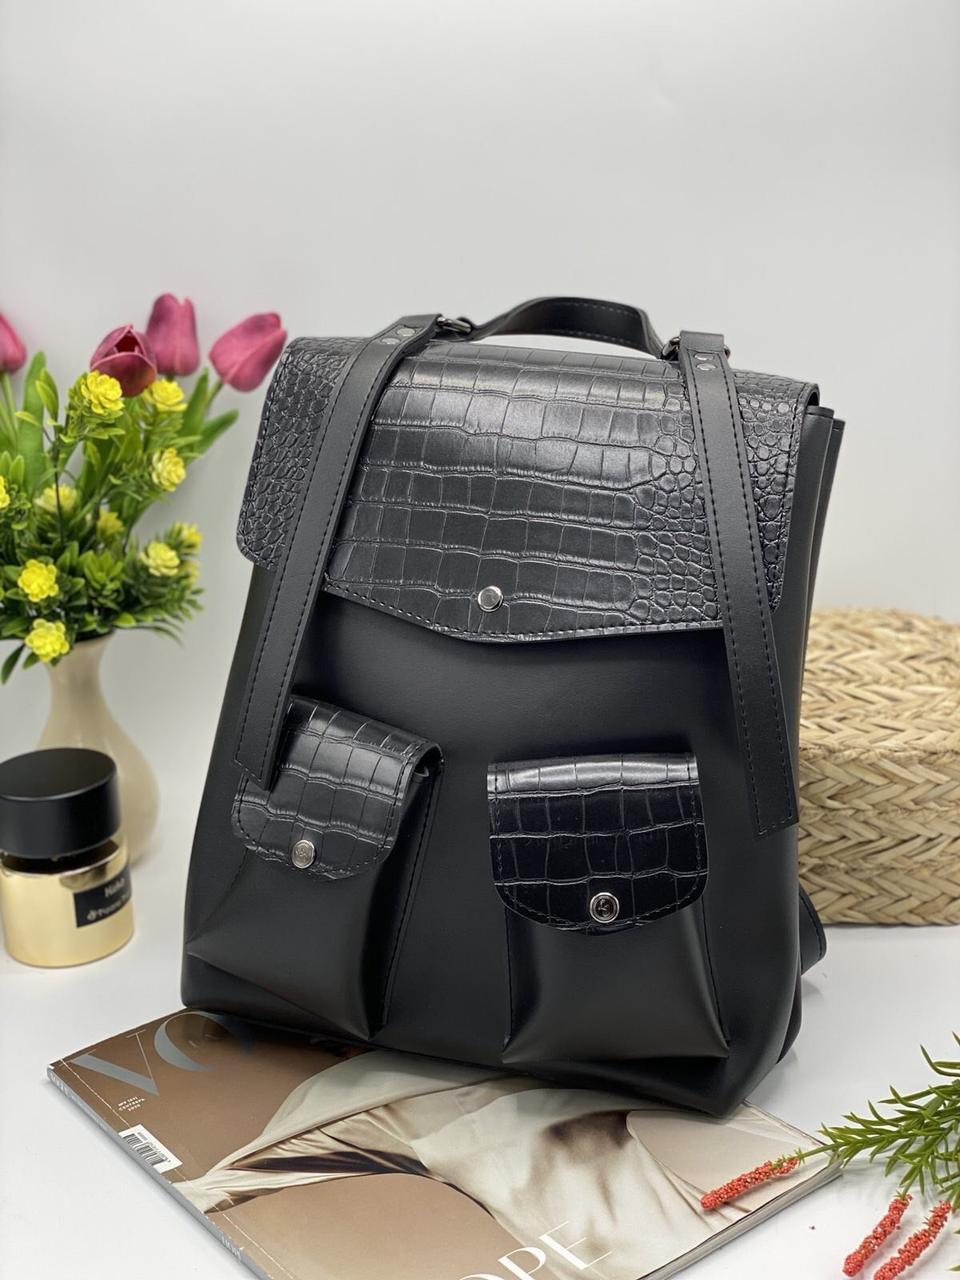 Рюкзак женский городской с накладными карманами 26*32 см искусственная кожа под крокодила Nata